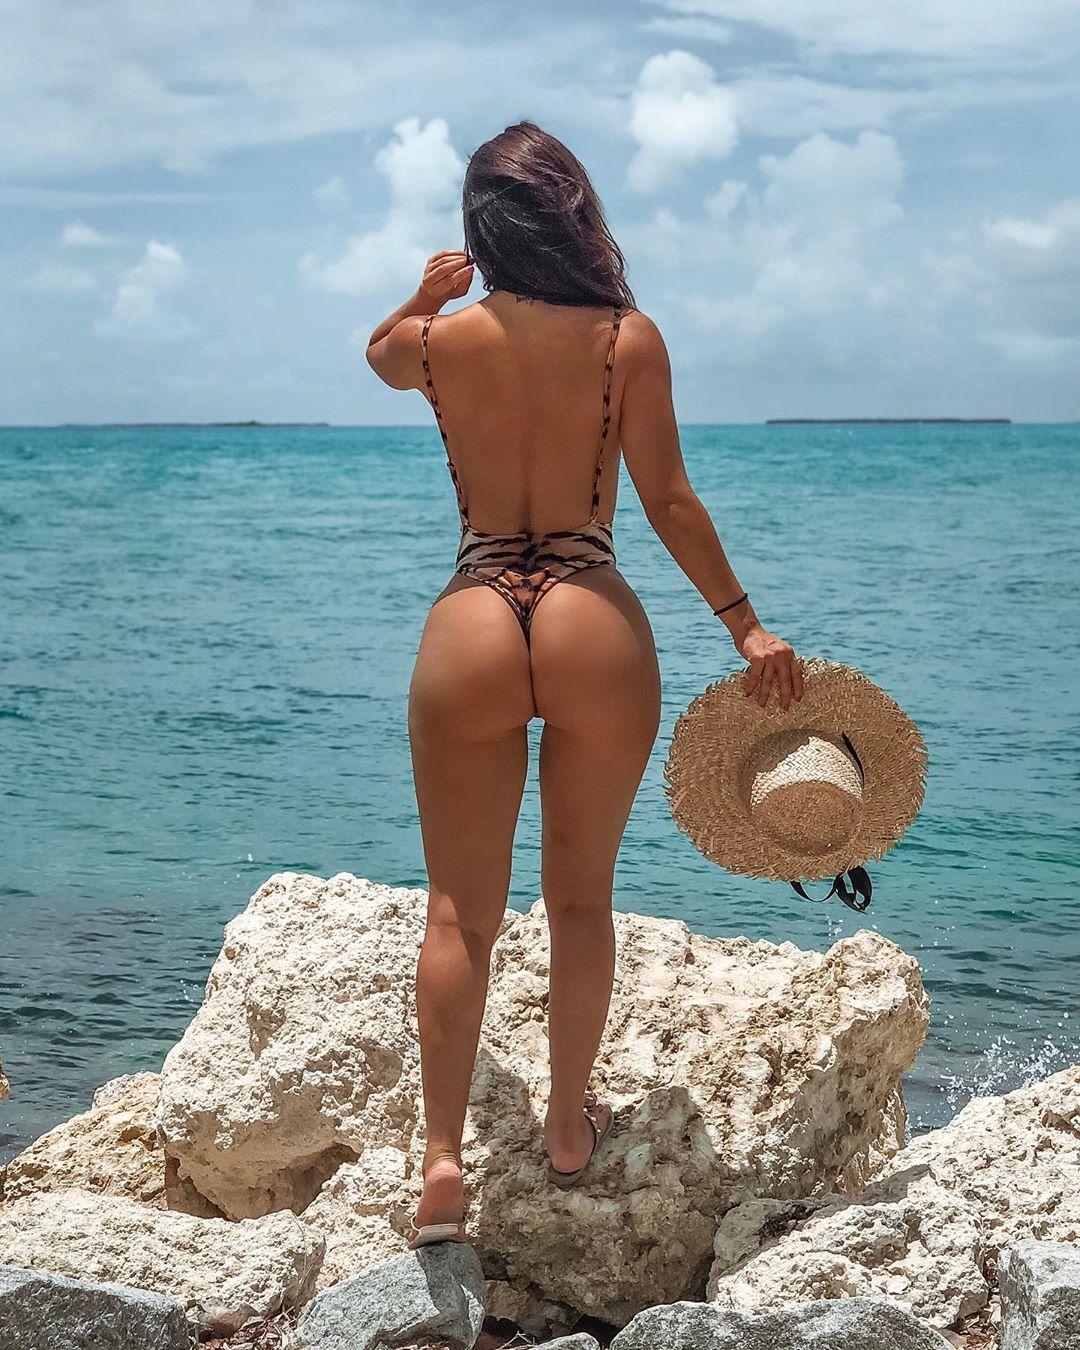 Alejandra Pineda Nude Leaked Videos and Alejapineda1 Naked Pics! 84